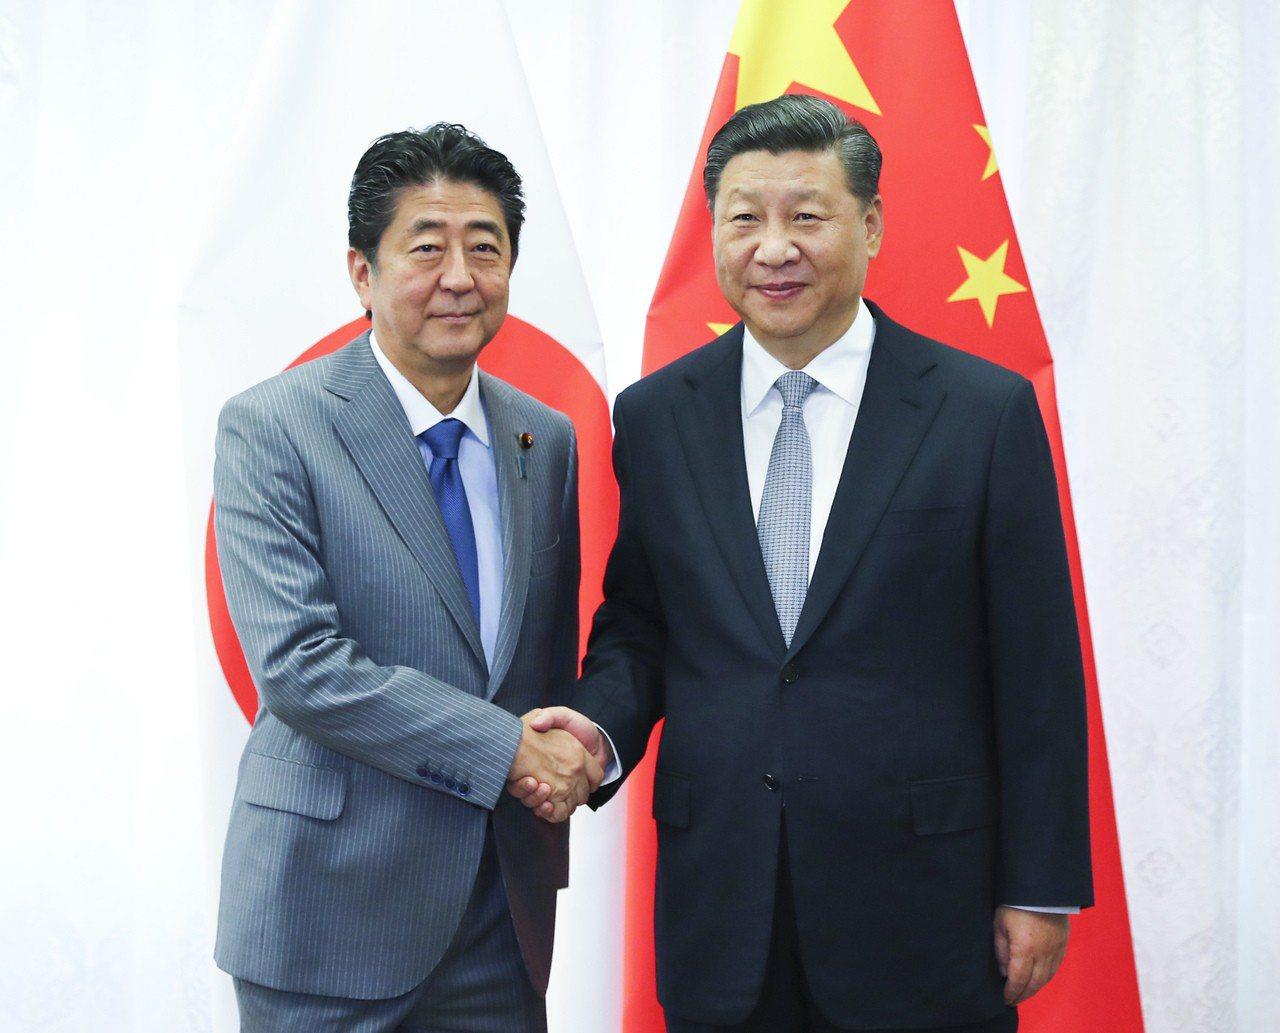 中國國家主席習近平與日本首相安倍晉三12日在俄羅斯海參崴舉行會談。 新華社